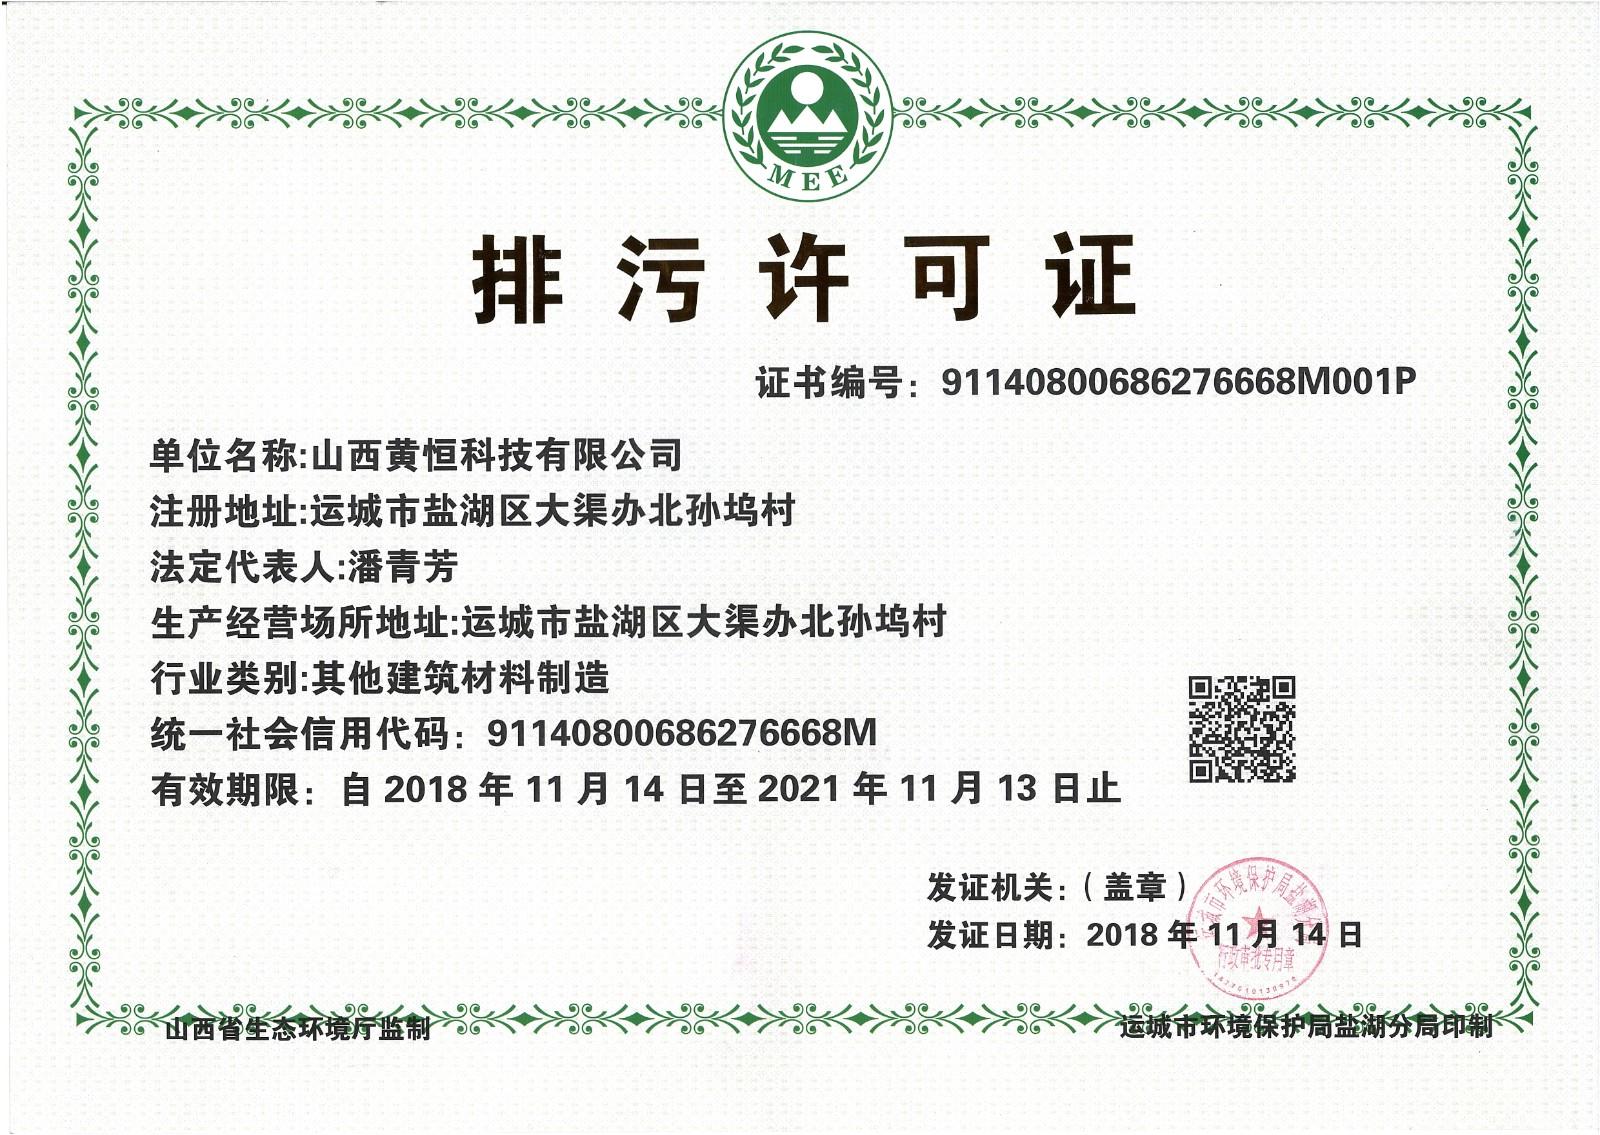 10.龙8国际网址-long8龙8国际首页-龙8娱乐老虎机正本2021年.jpg